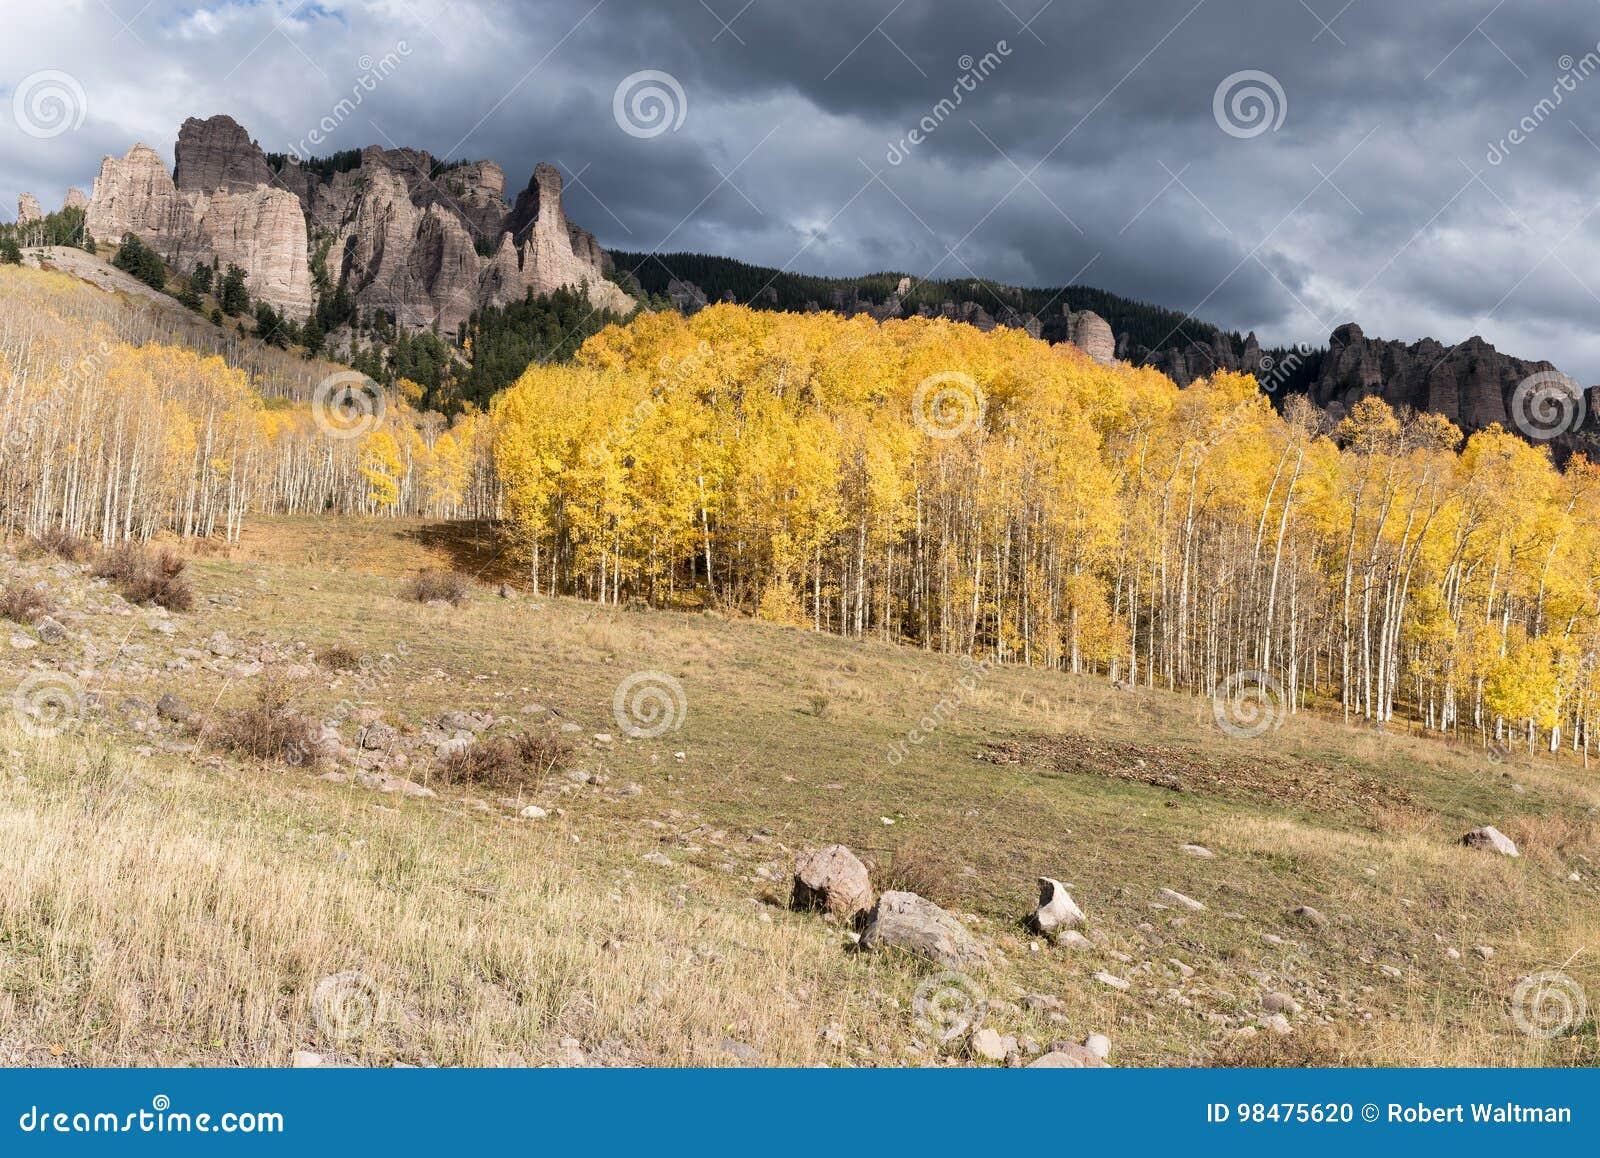 Wysocy mesa pinakle w Cimarron dolinie Kolorado